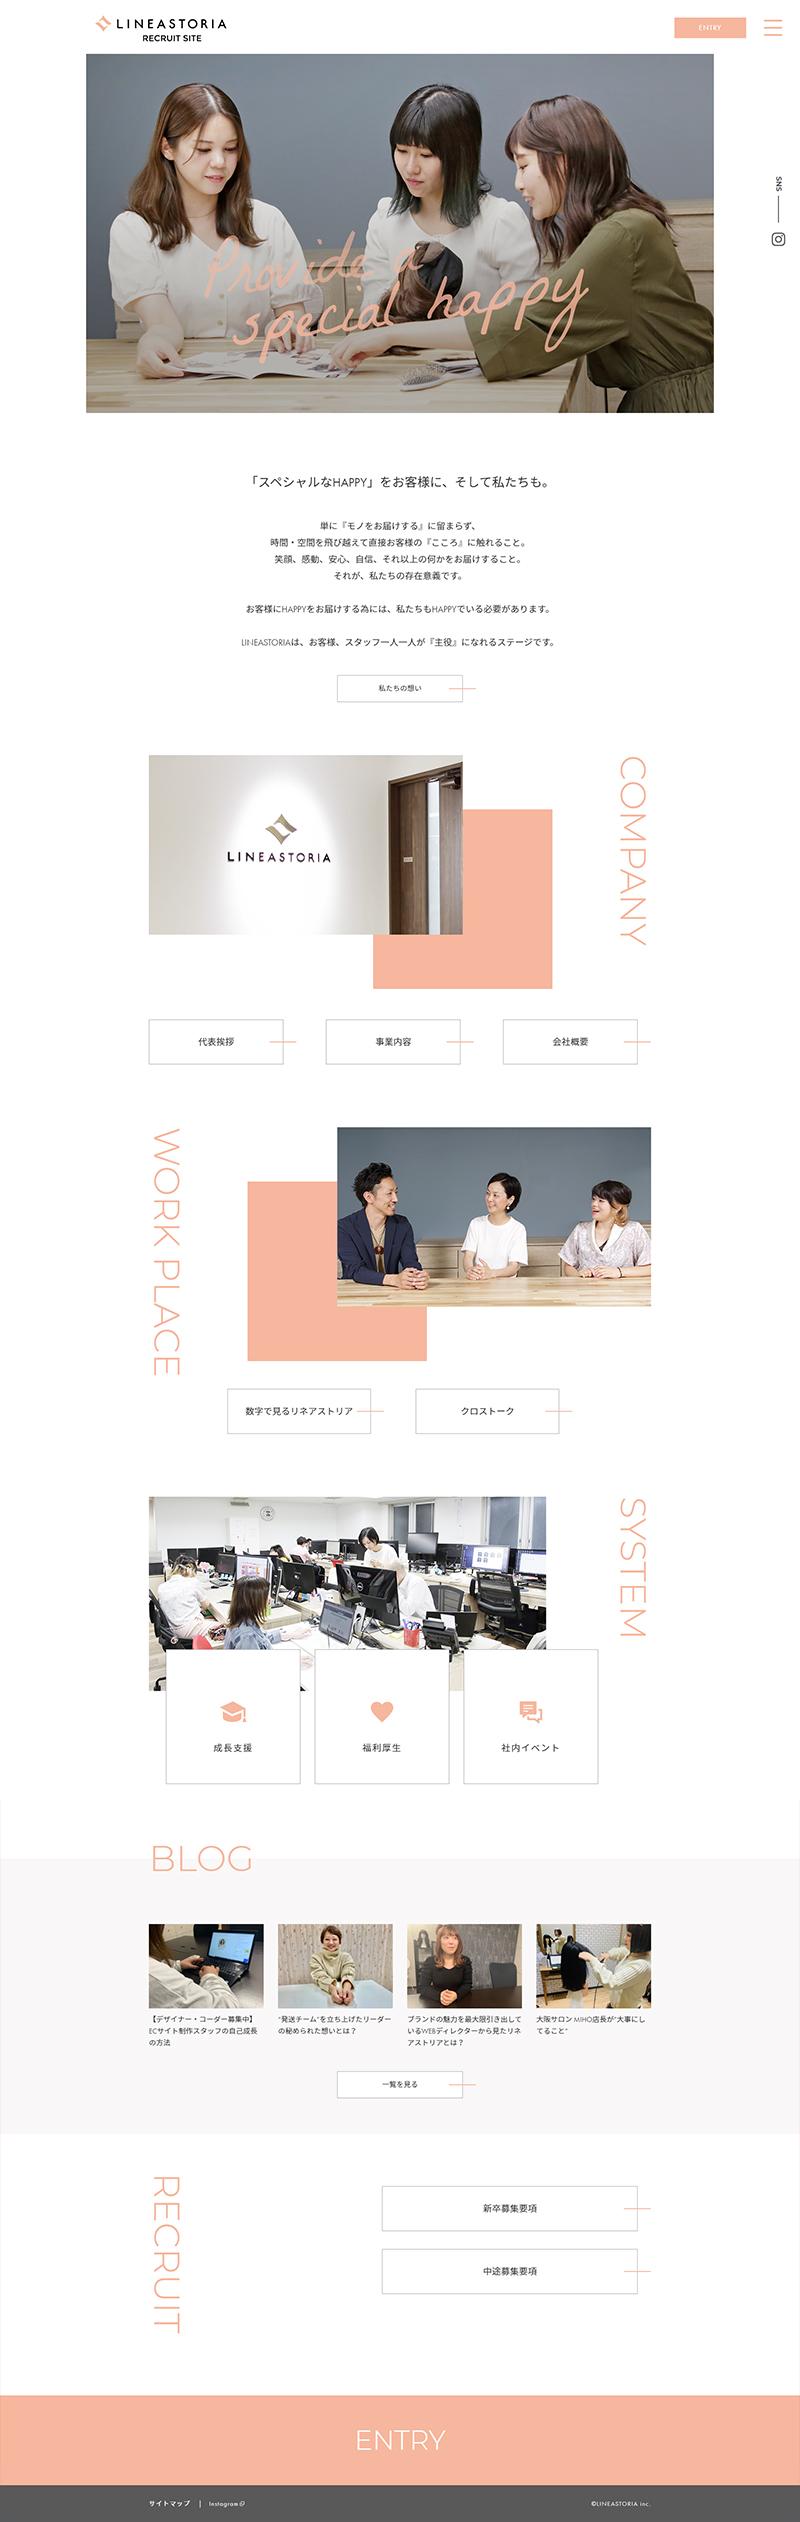 ホームページ制作実績株式会社リネアストリア様 リクルートサイト